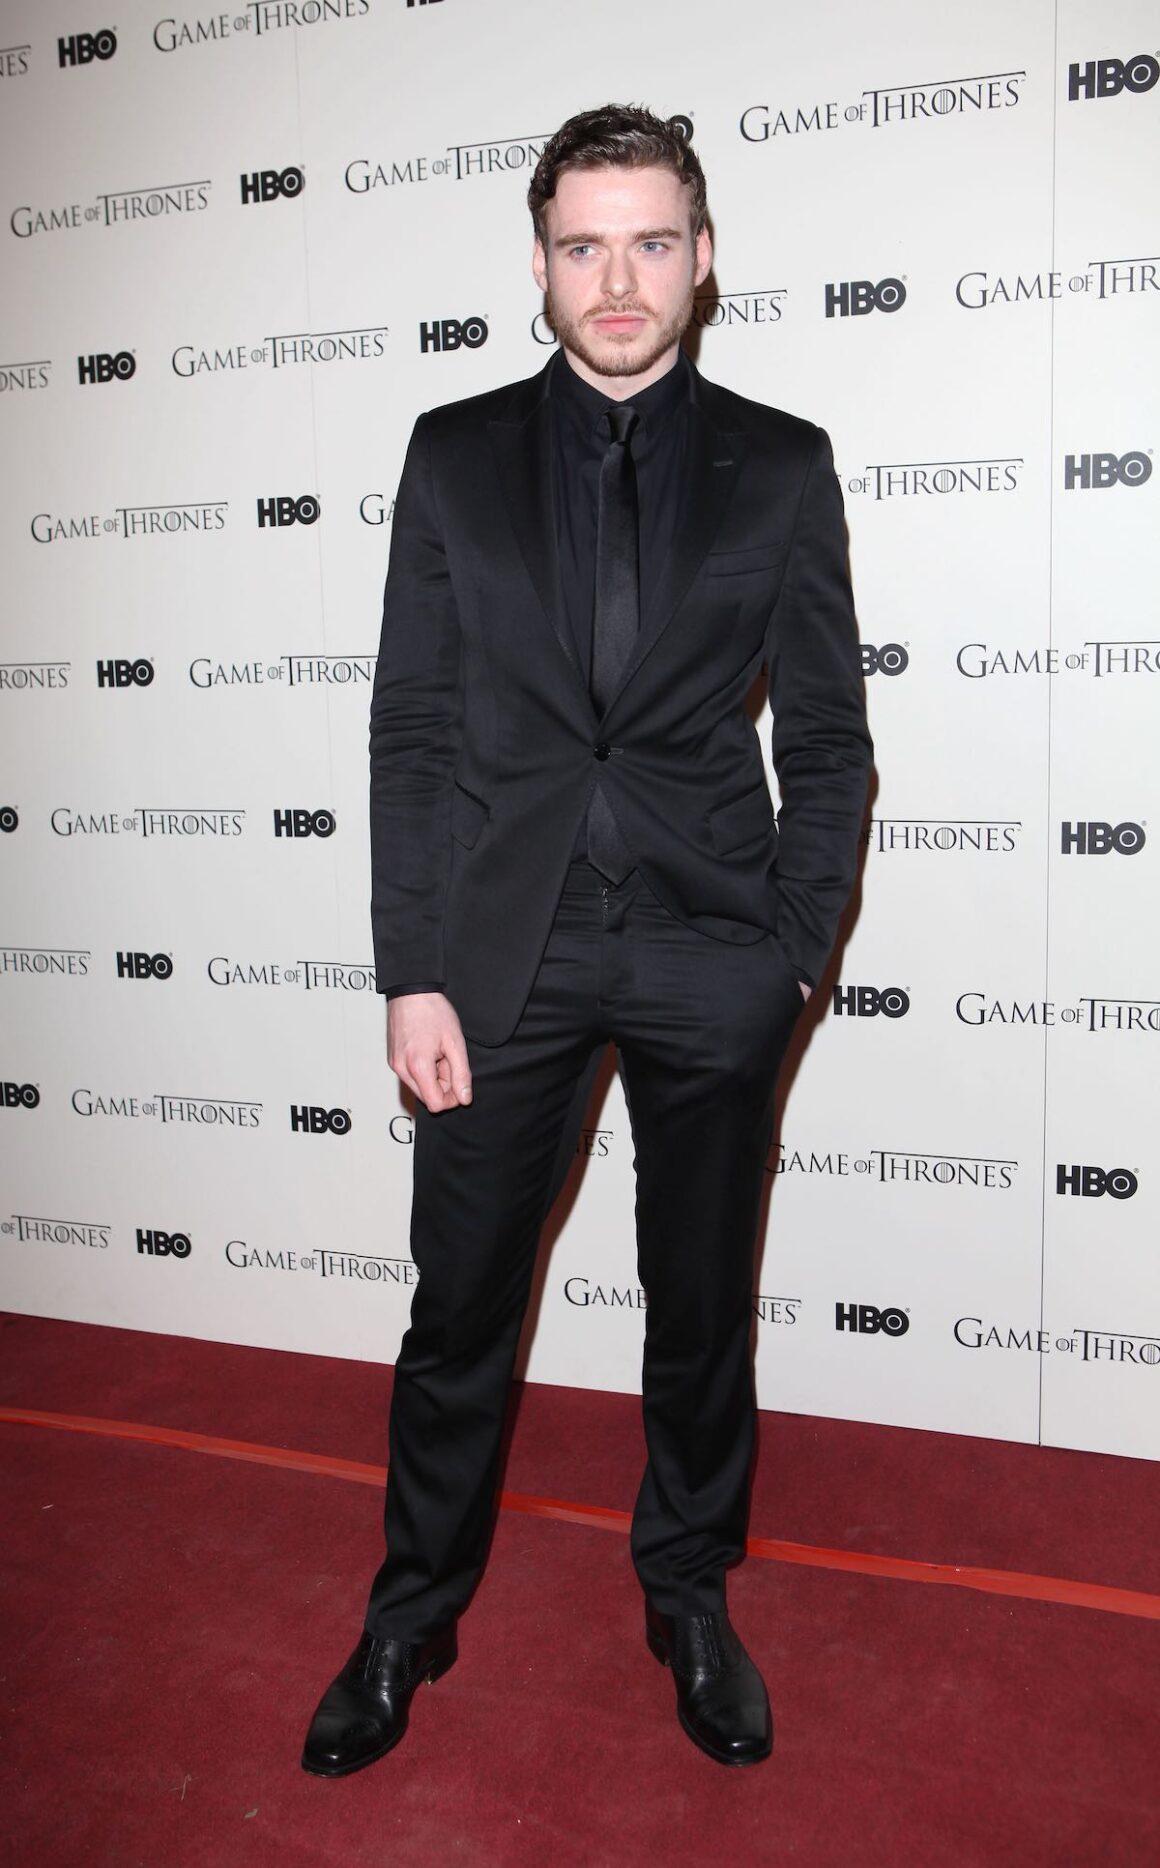 Richard Madden Game Of Thrones - DVD premiere